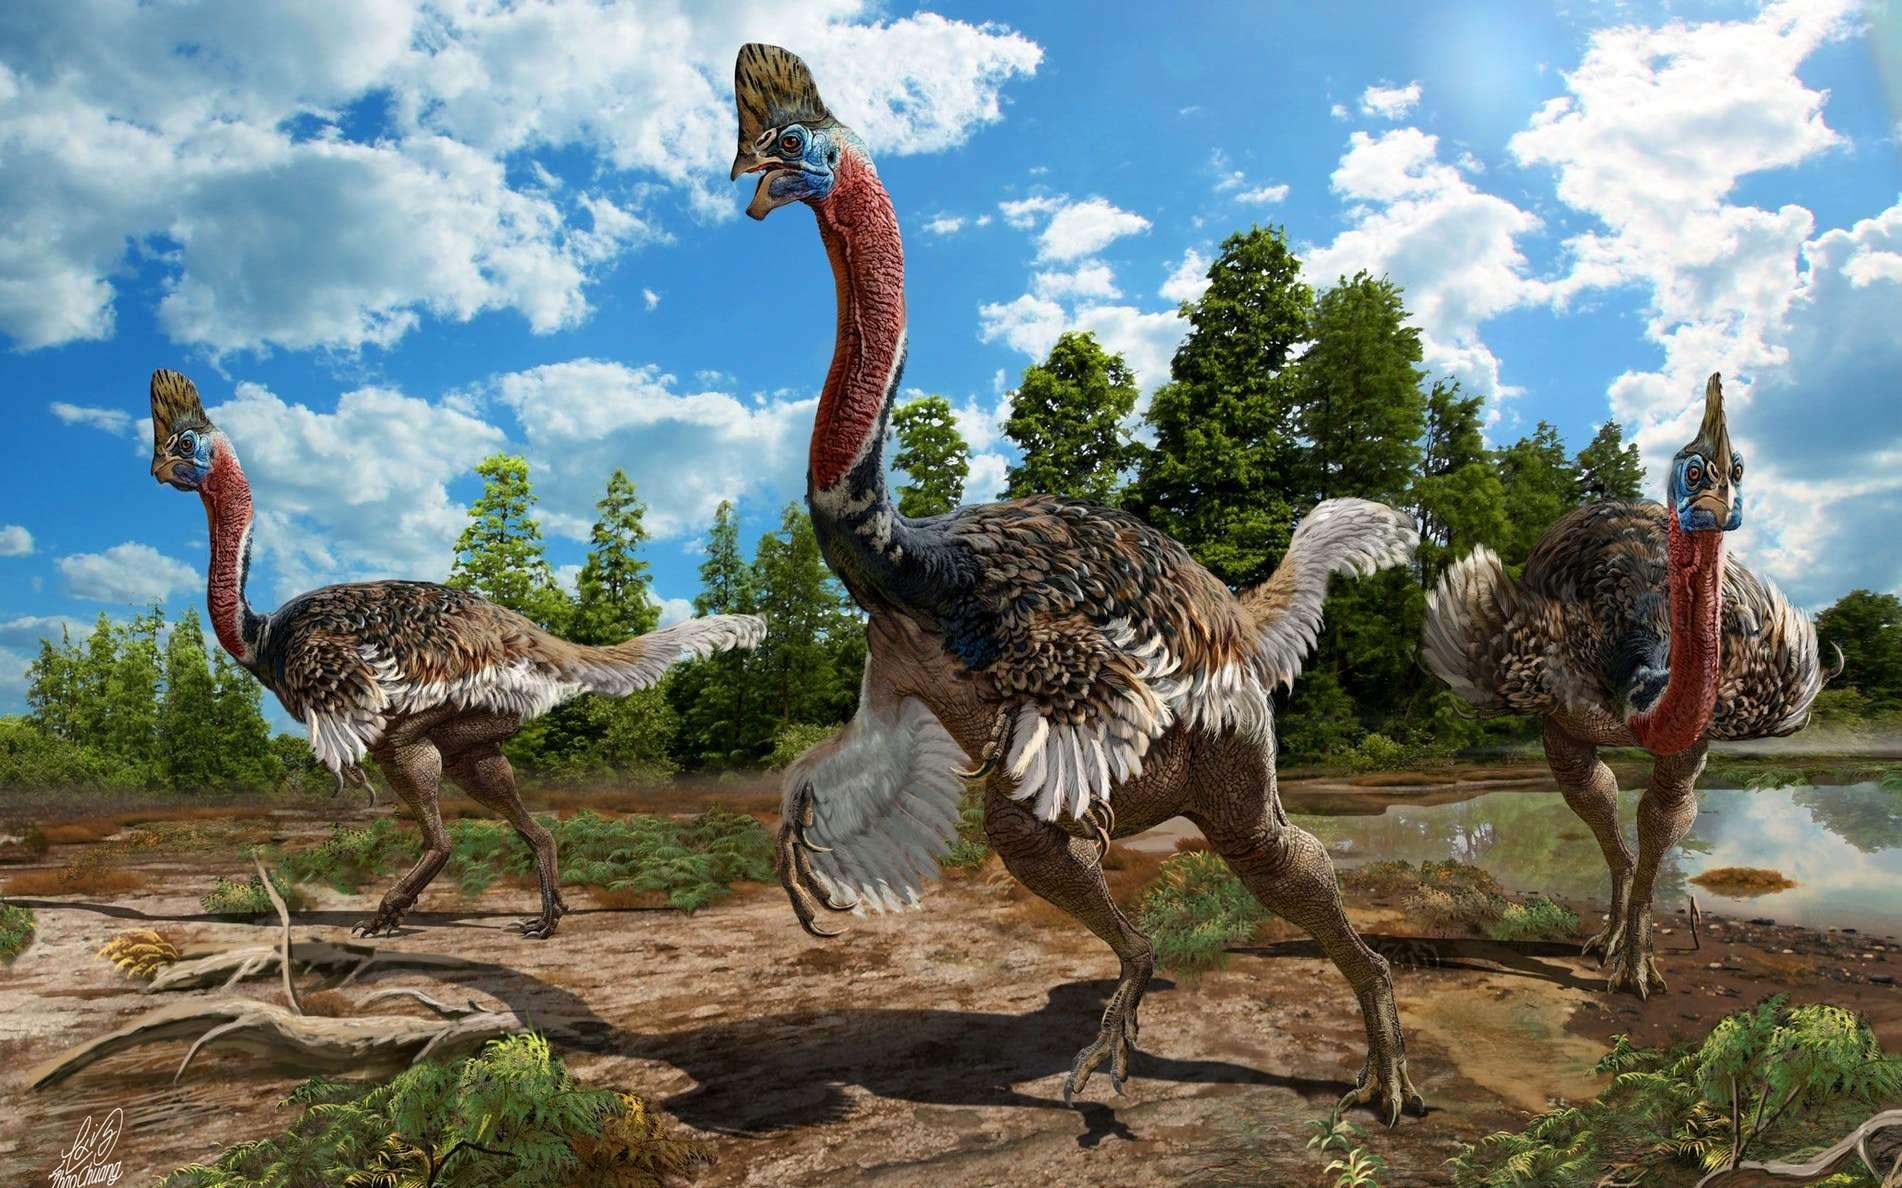 Corythoraptor jacobsi est un étrange dinosaure autruche découvert en Chine. Ici, une vue d'artiste de Corythoraptor jacobsi, visiblement inspirée par les casoars, des oiseaux modernes. © Zhao Chuang